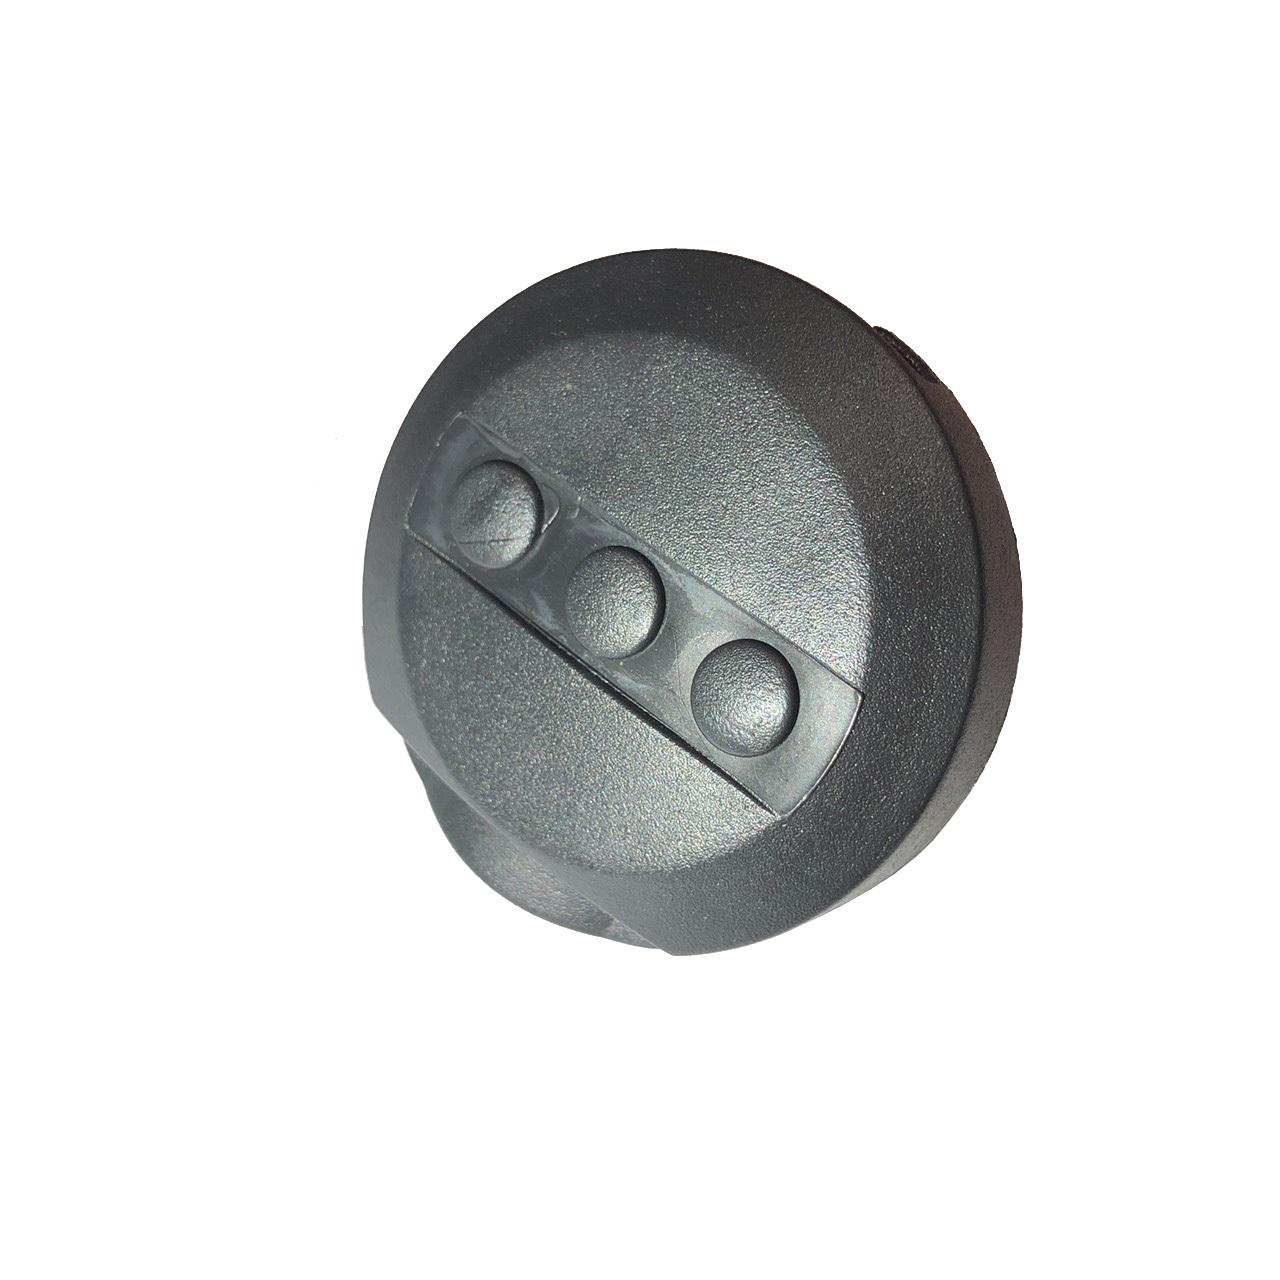 Втулки Втулка для металлического колеса с подшипником Вутлка_без_подш.jpg